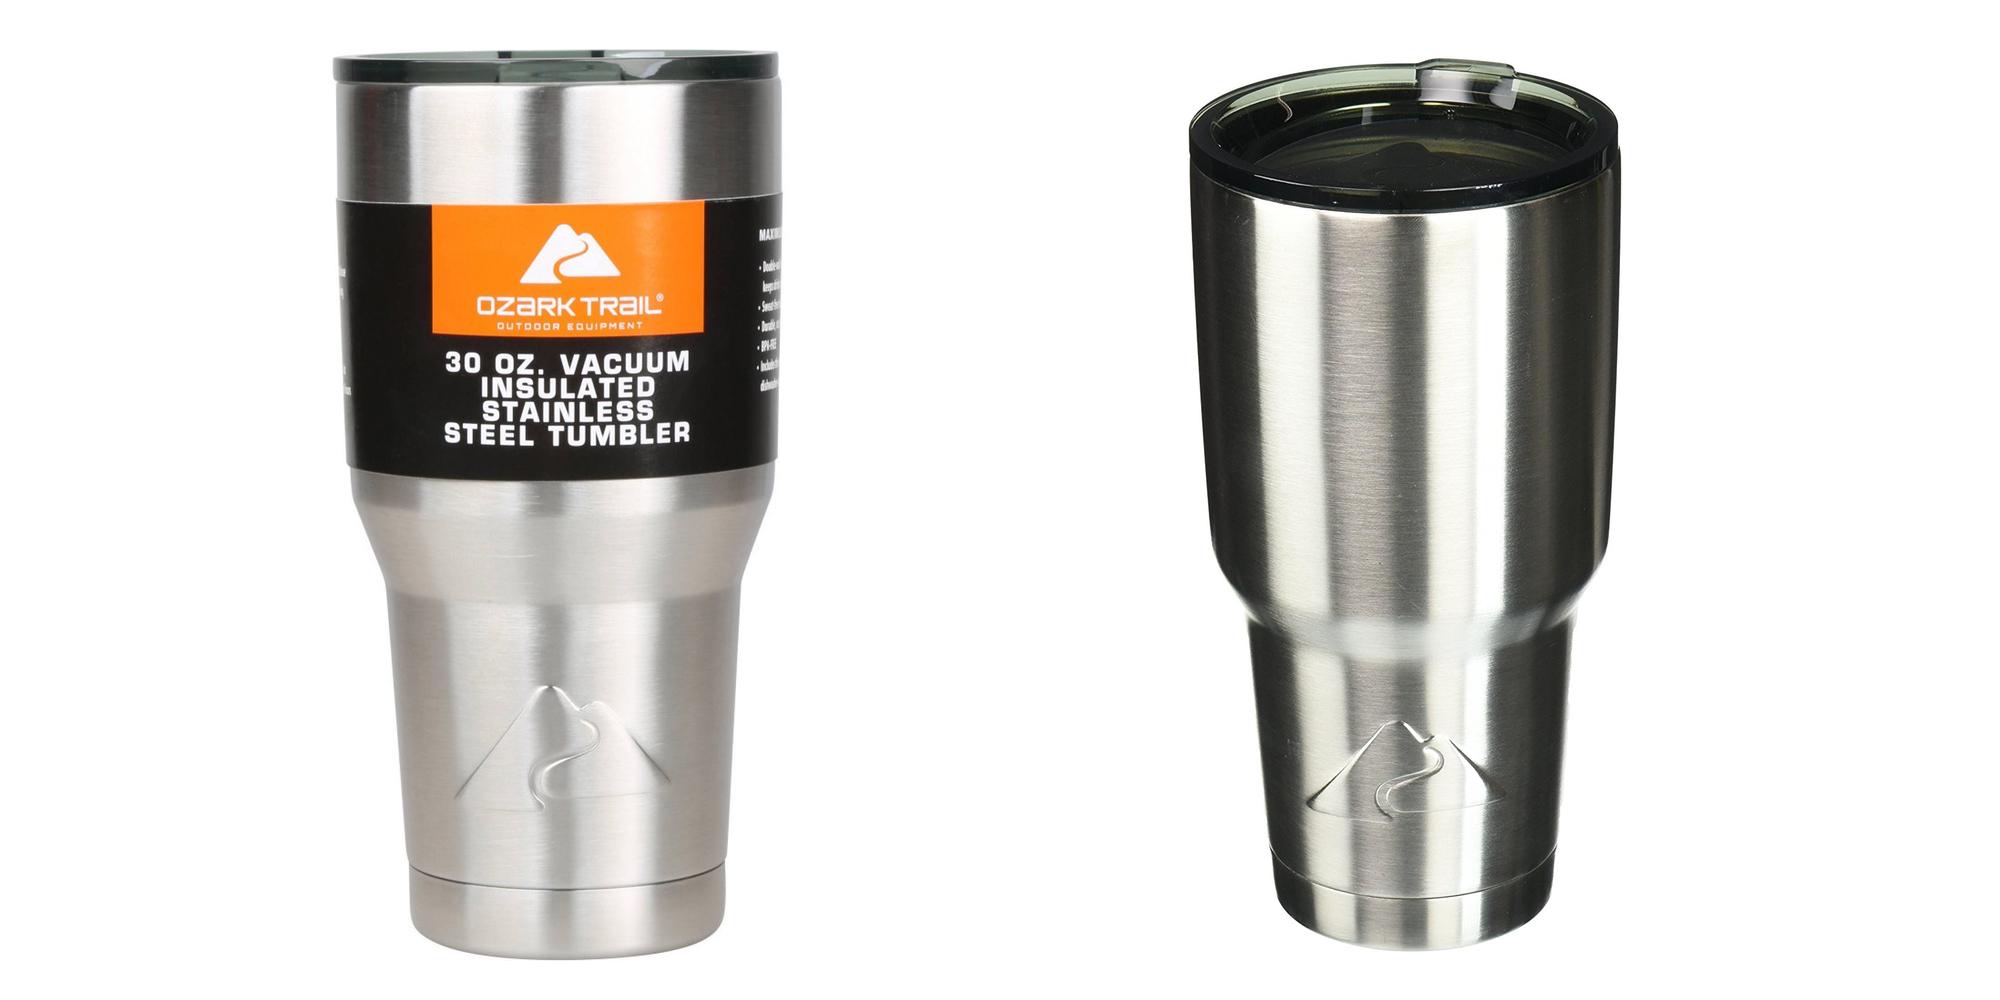 922639f8055 Ozark Trail 30-Oz. Stainless Steel Tumbler 2-pack for $9 (Reg. $28 ...